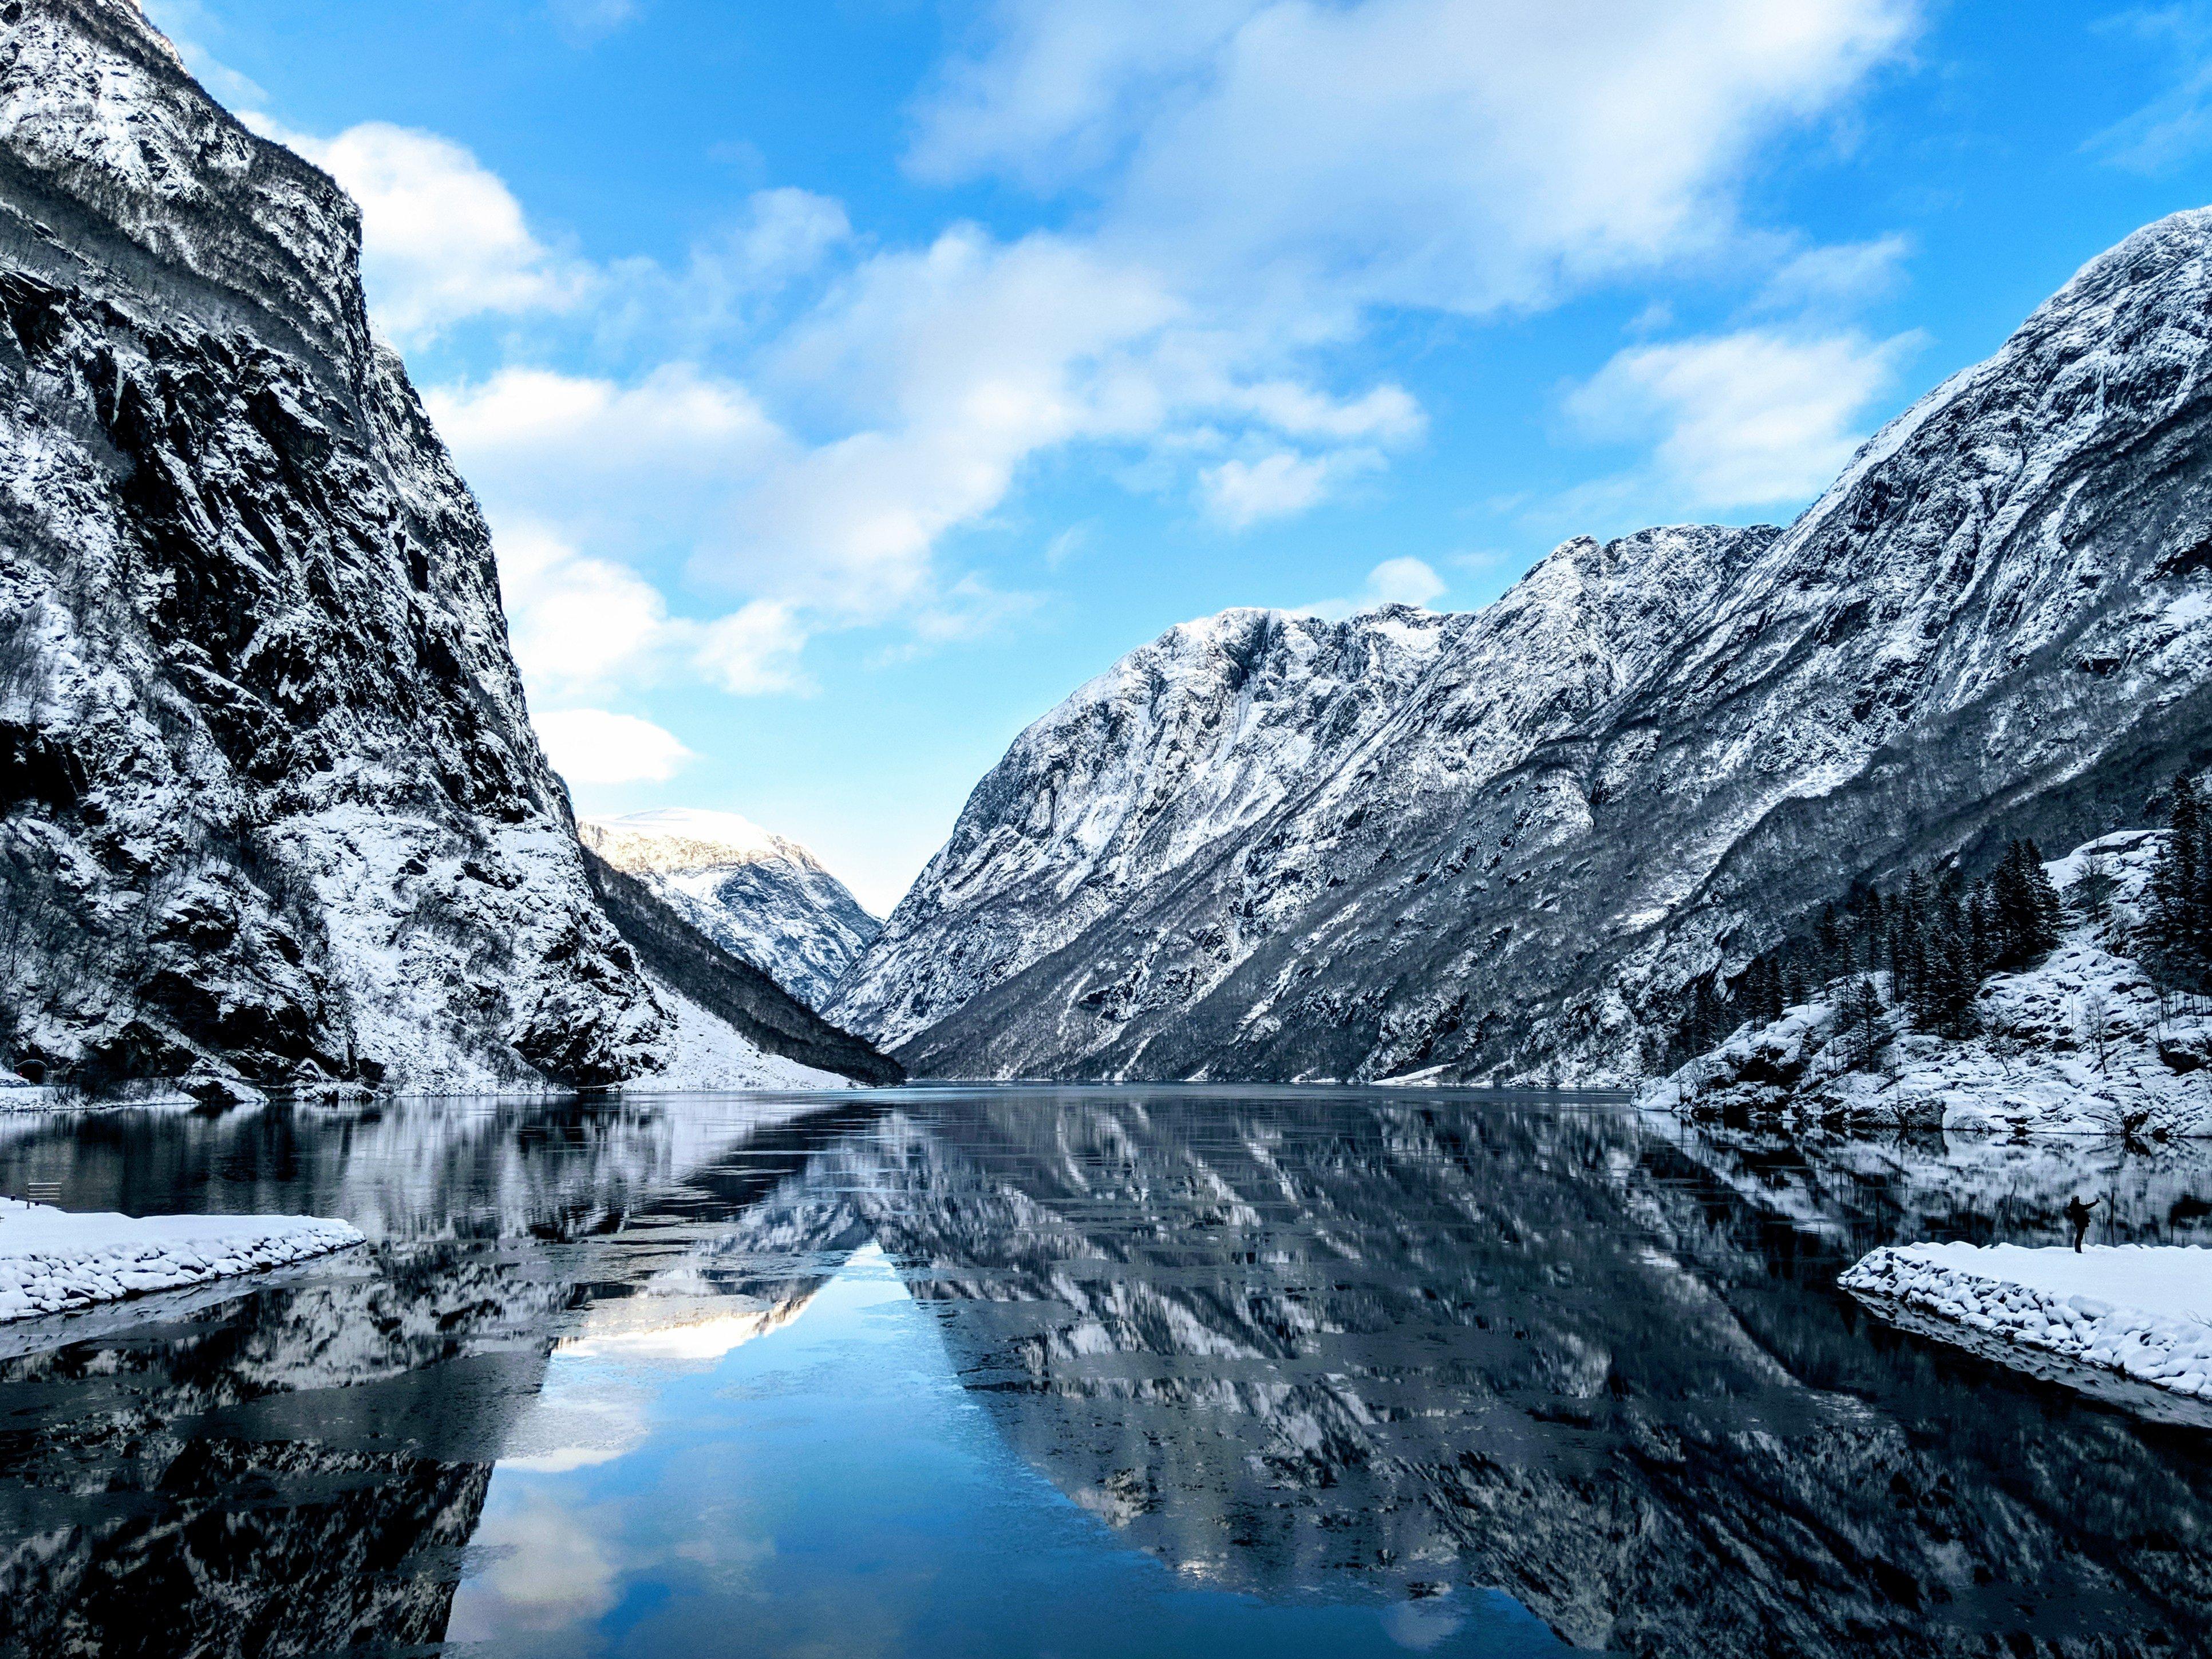 Fondos de pantalla Rios de noruega entre montañas